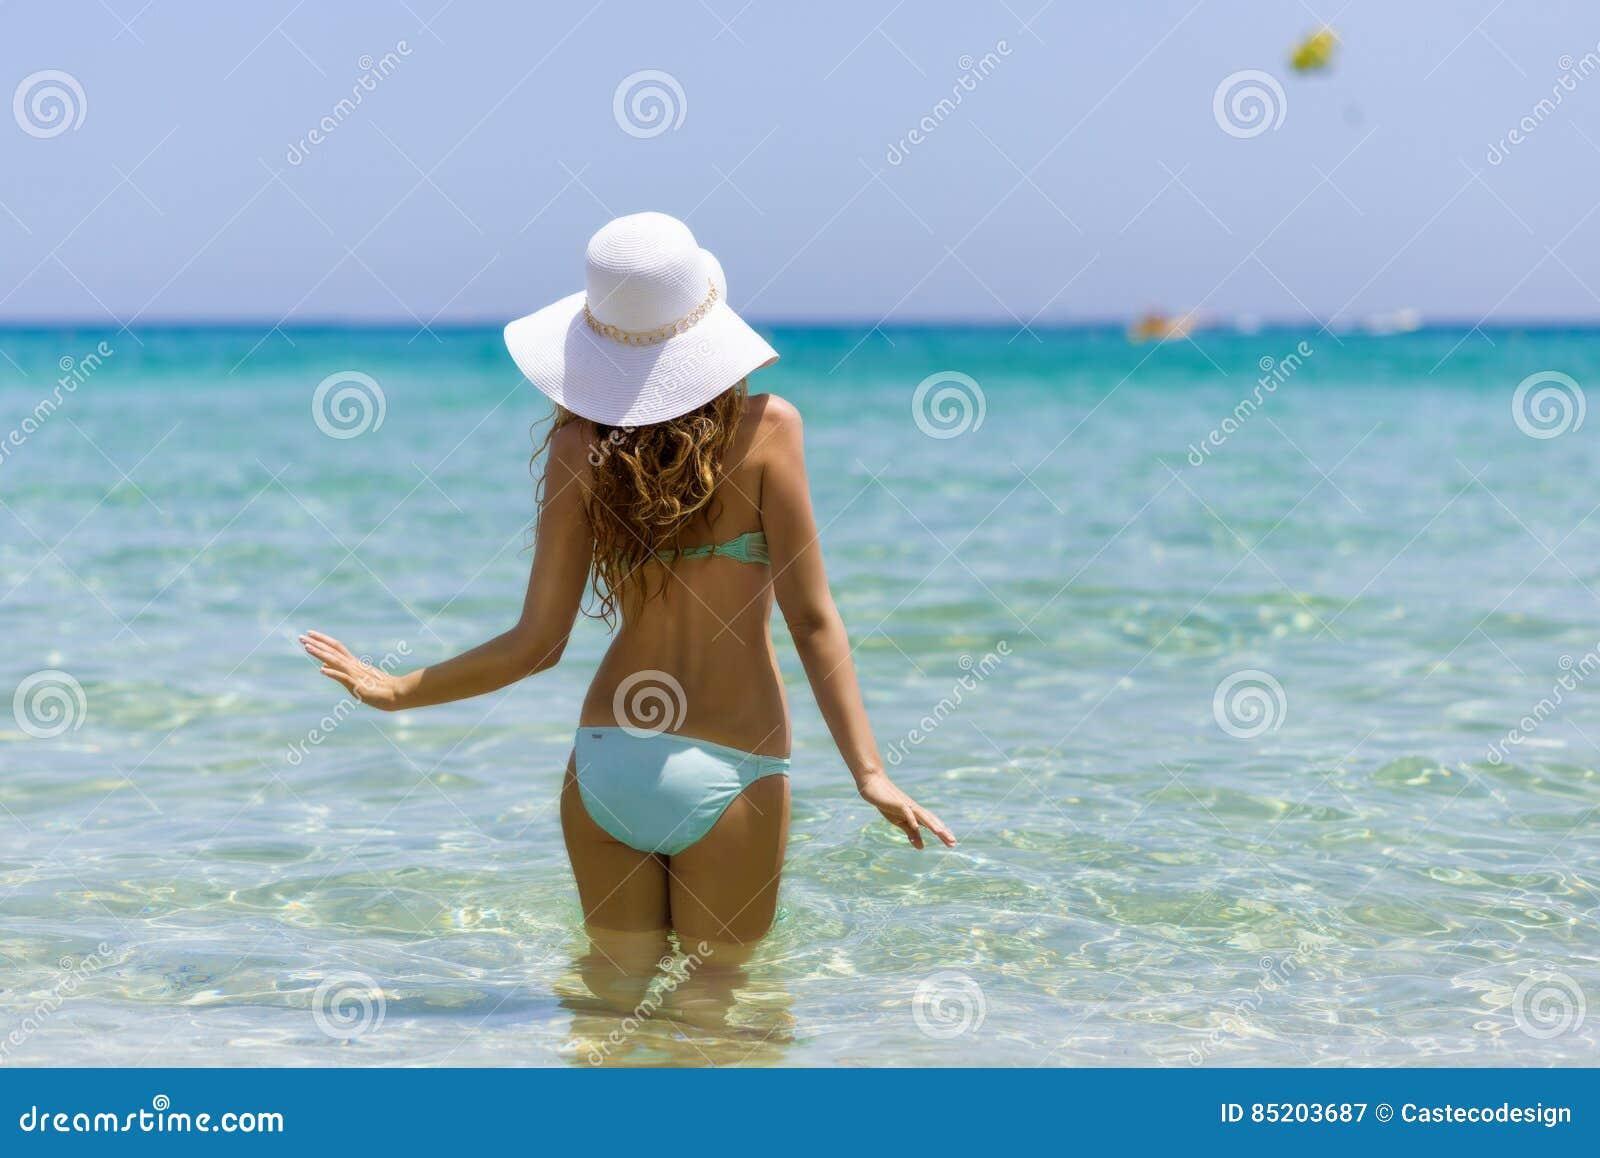 4c7b7b8126cc Giovane donna alla spiaggia Ritratto di una ragazza in cappello bianco  divertendosi nell acqua Bello mare di estate con acqua del turchese Vista  da dietro